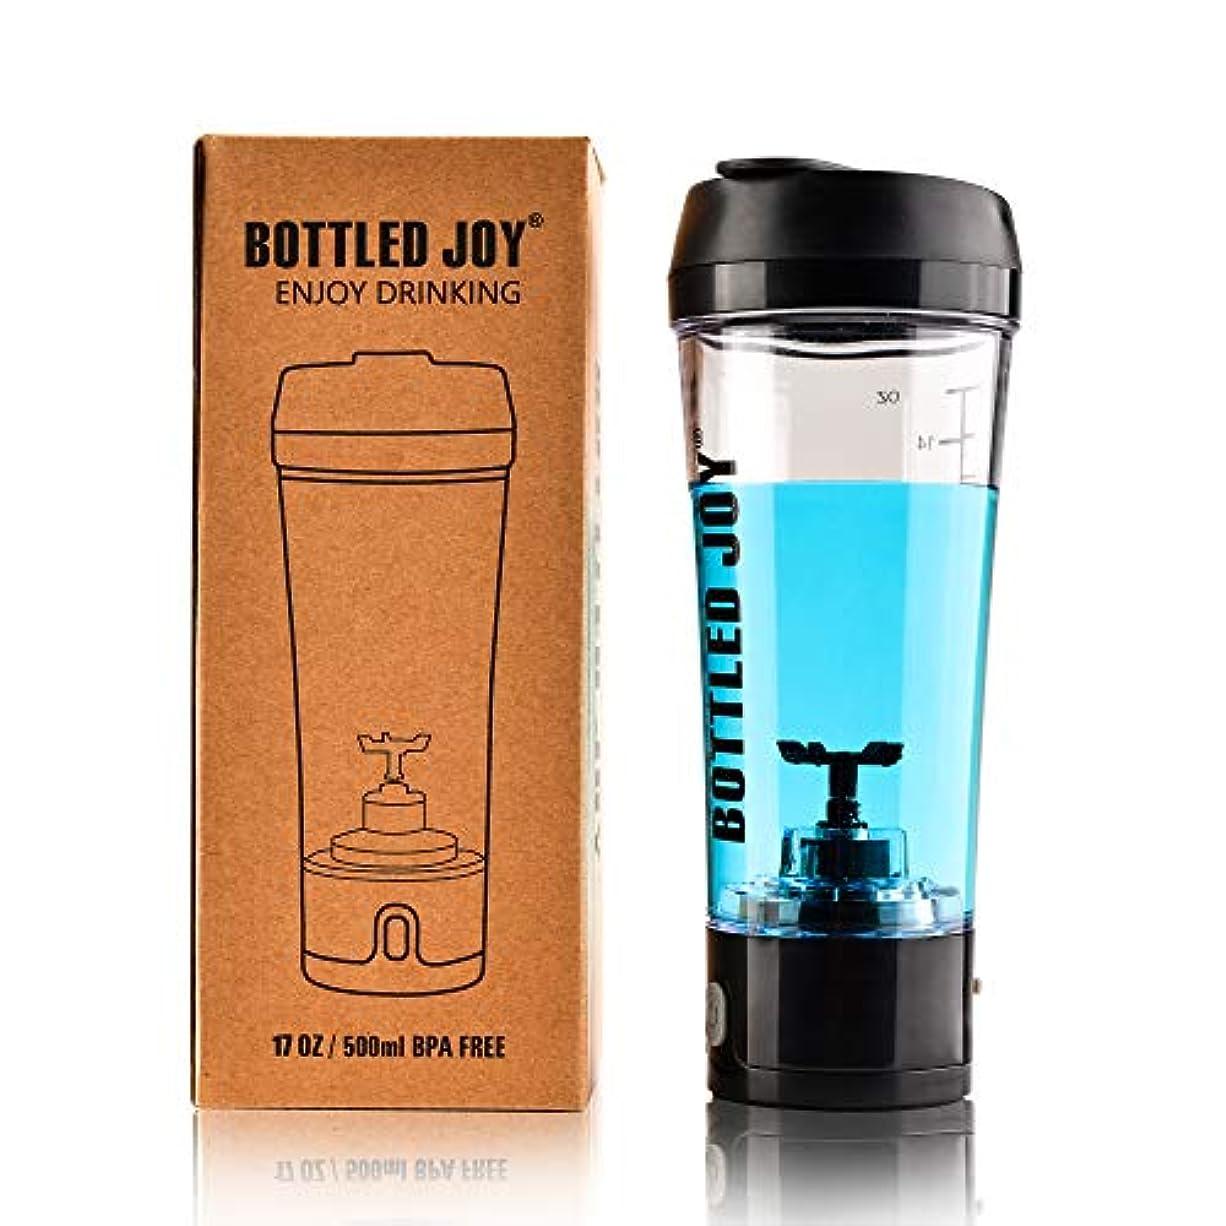 進捗ファームシルクBottled Joy Electric Shaker Bottle、USB Rechargeable Protein Shaker、high-torque Stirring Blenderミキサーのスポーツマンと女性16oz...